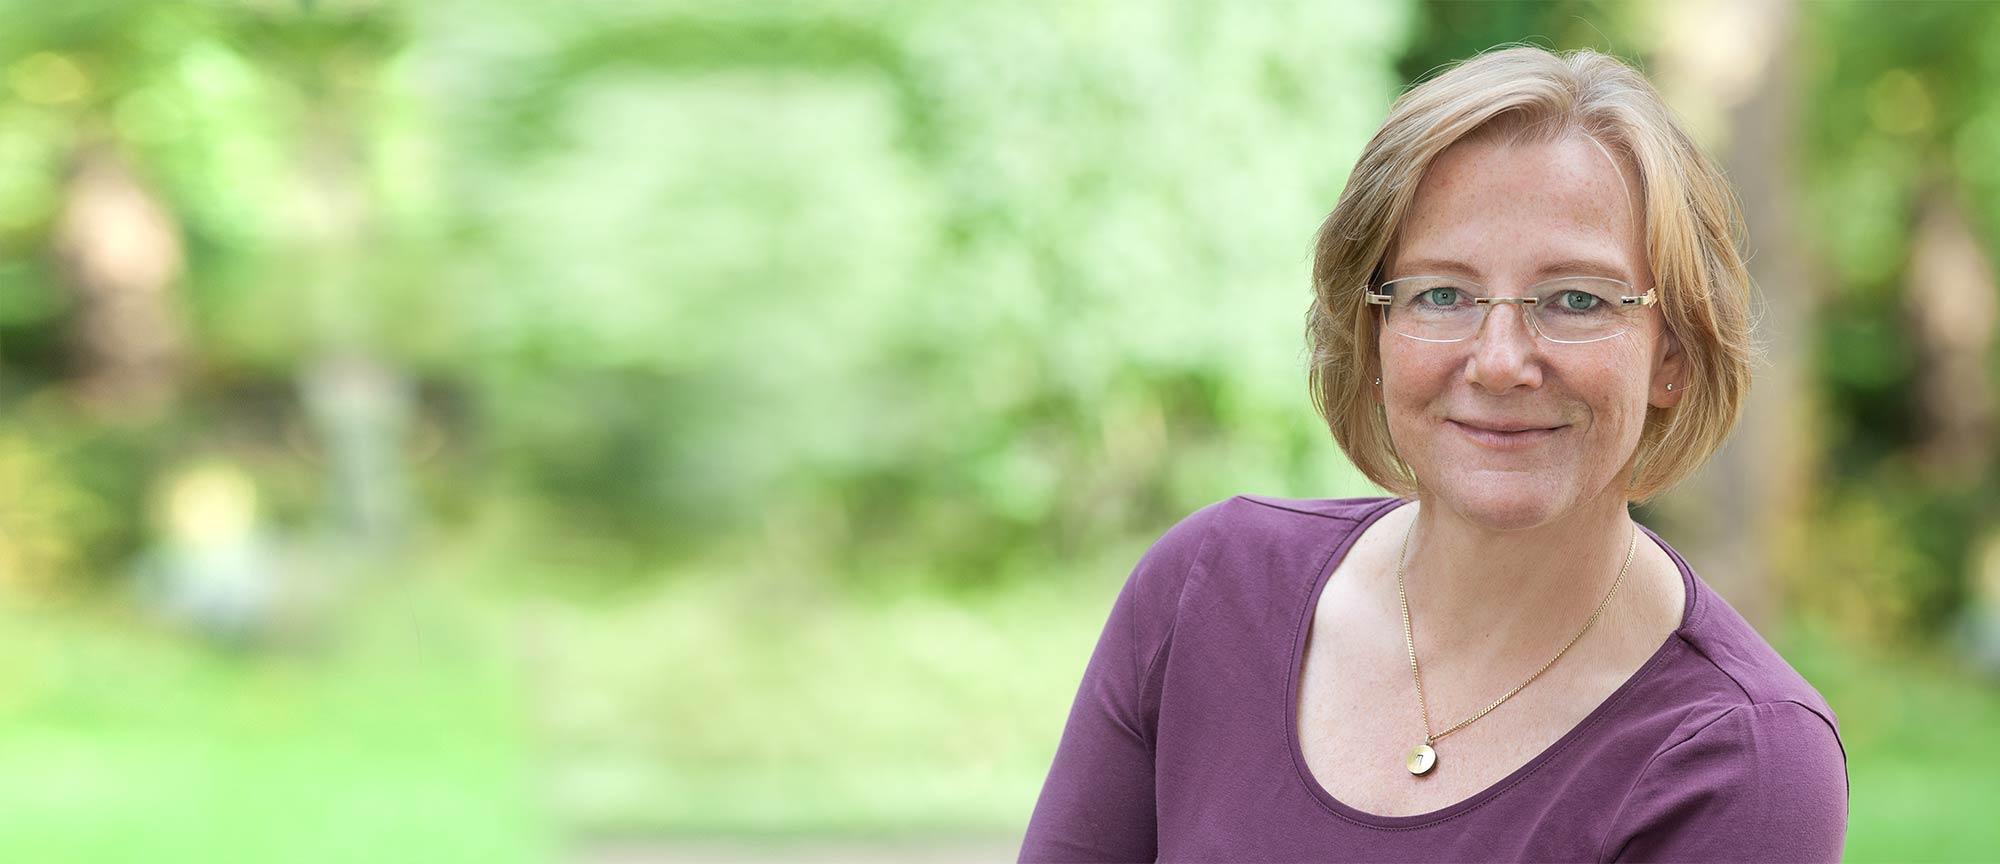 Birgit Buchmayer